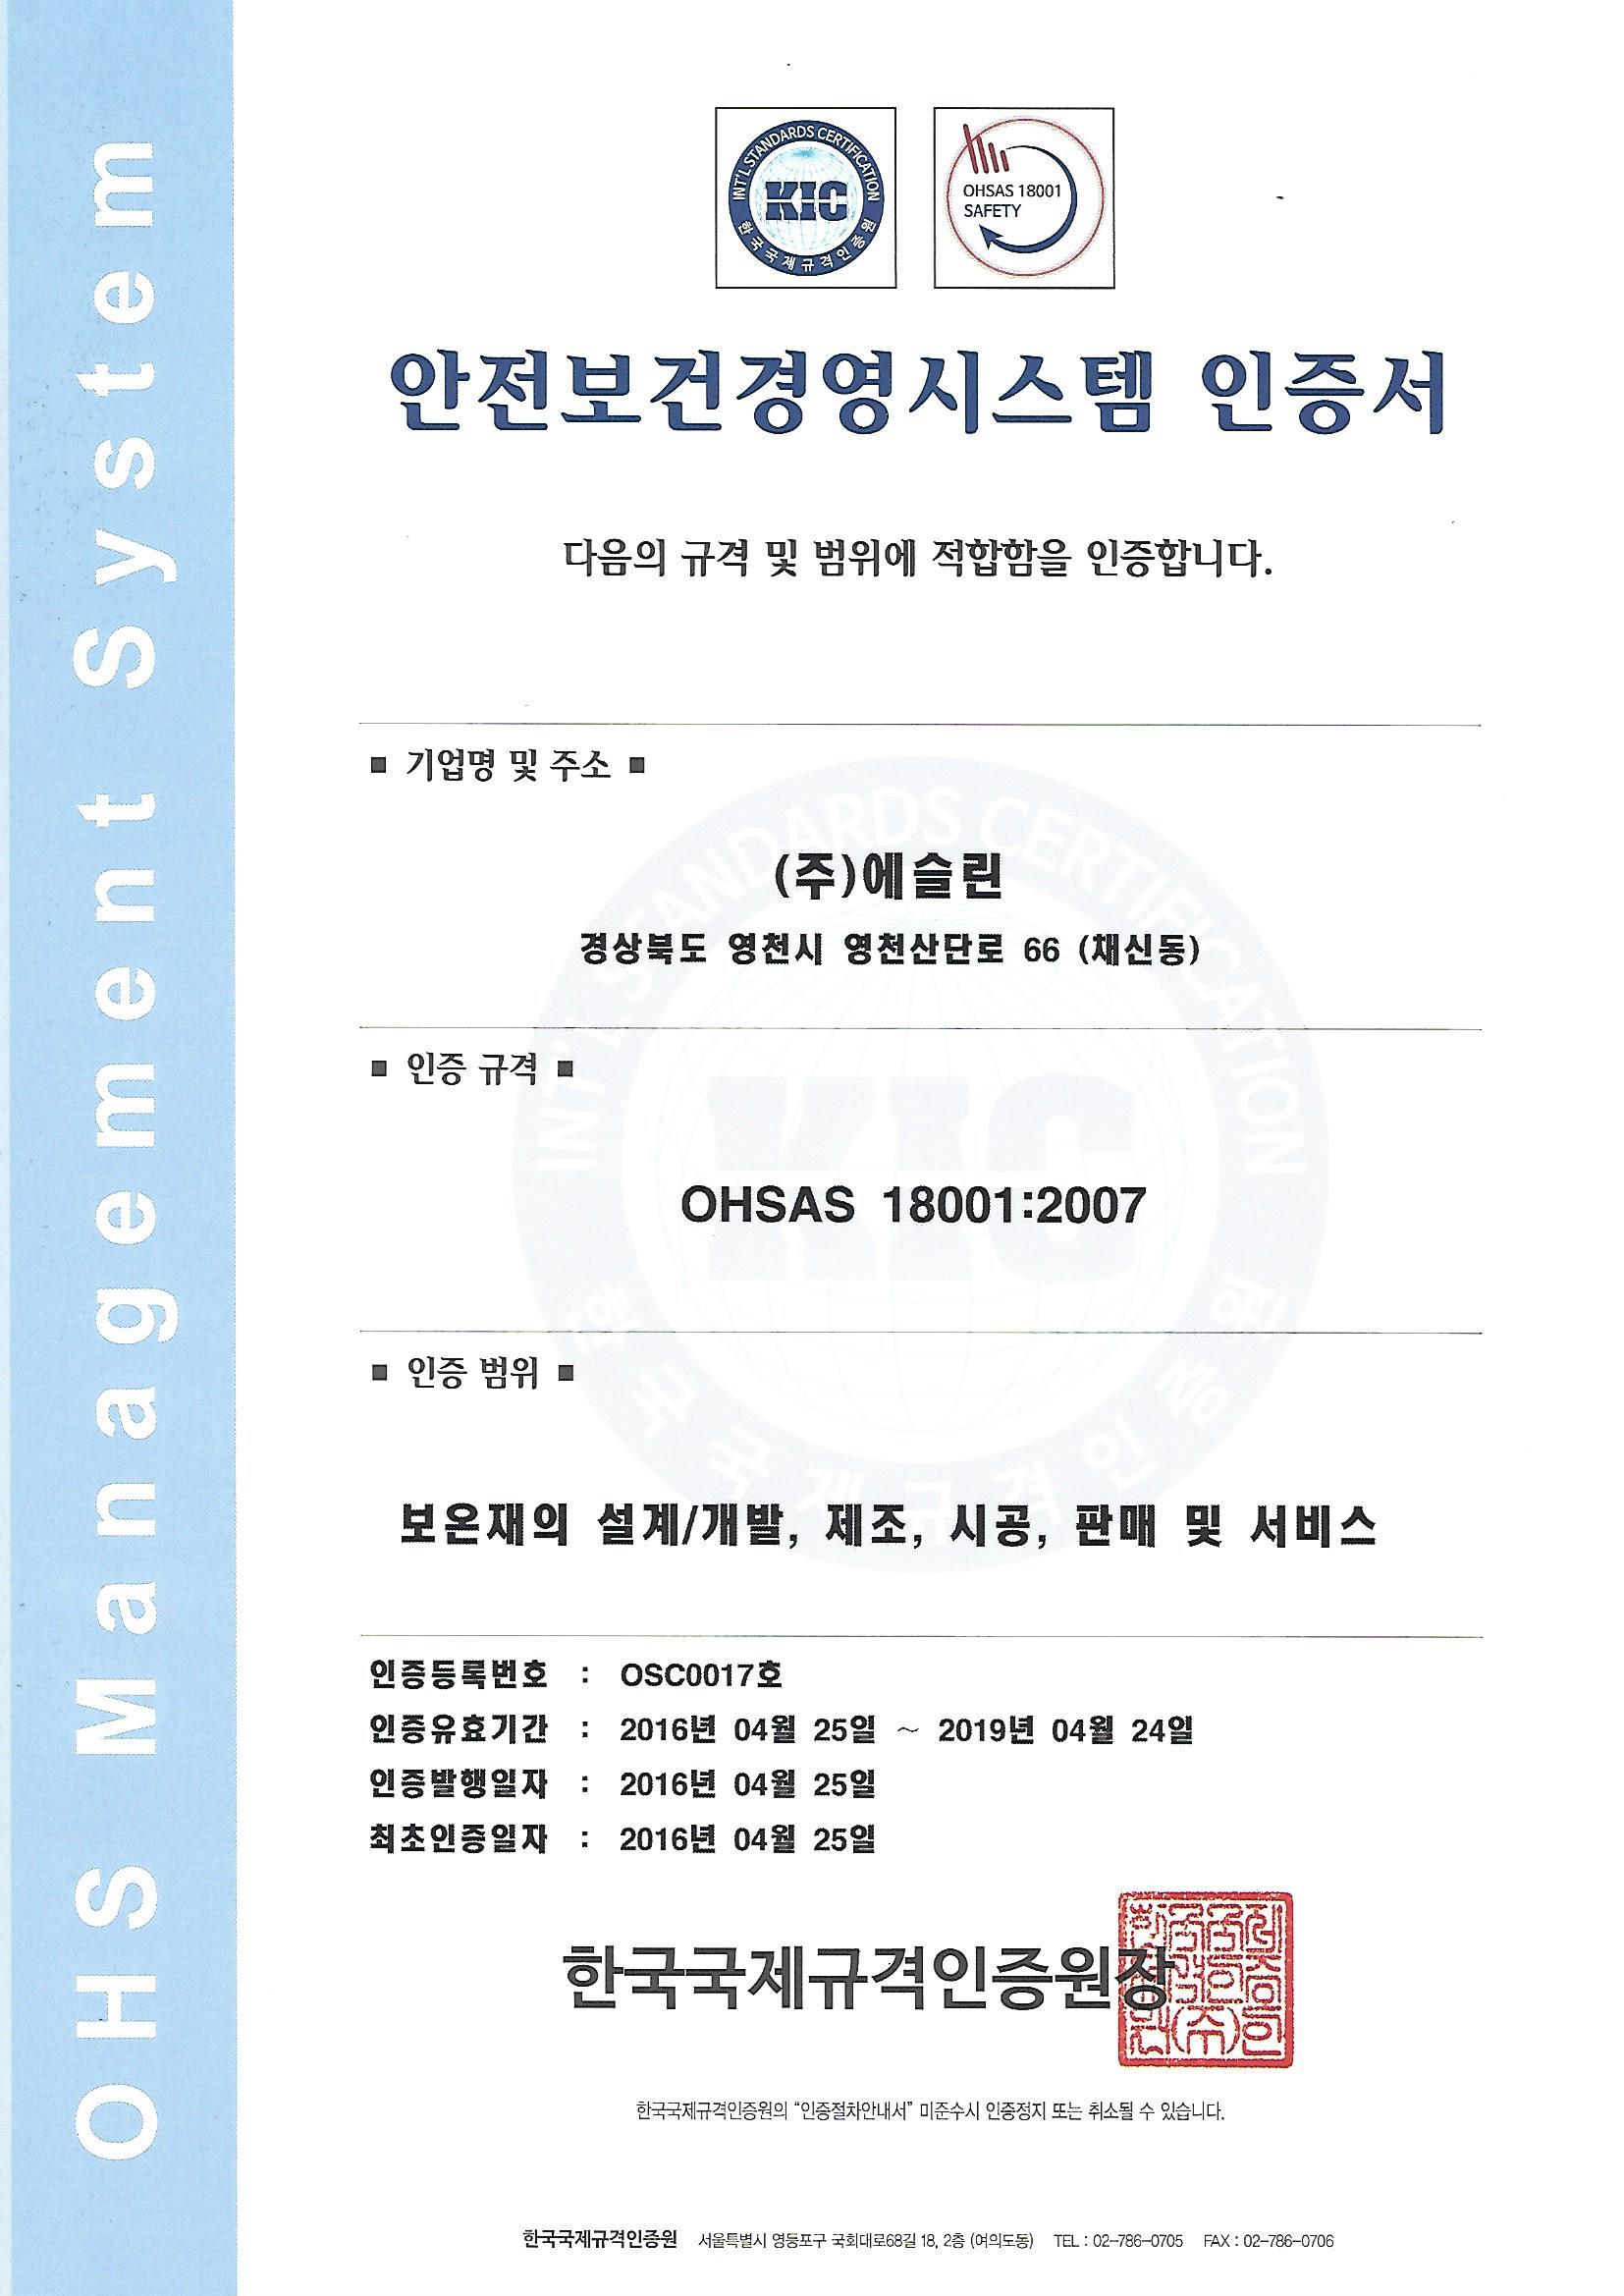 07_OHSAS18001_안전보건경영시스템인증서_(주)에슬린_Page_1.jpg